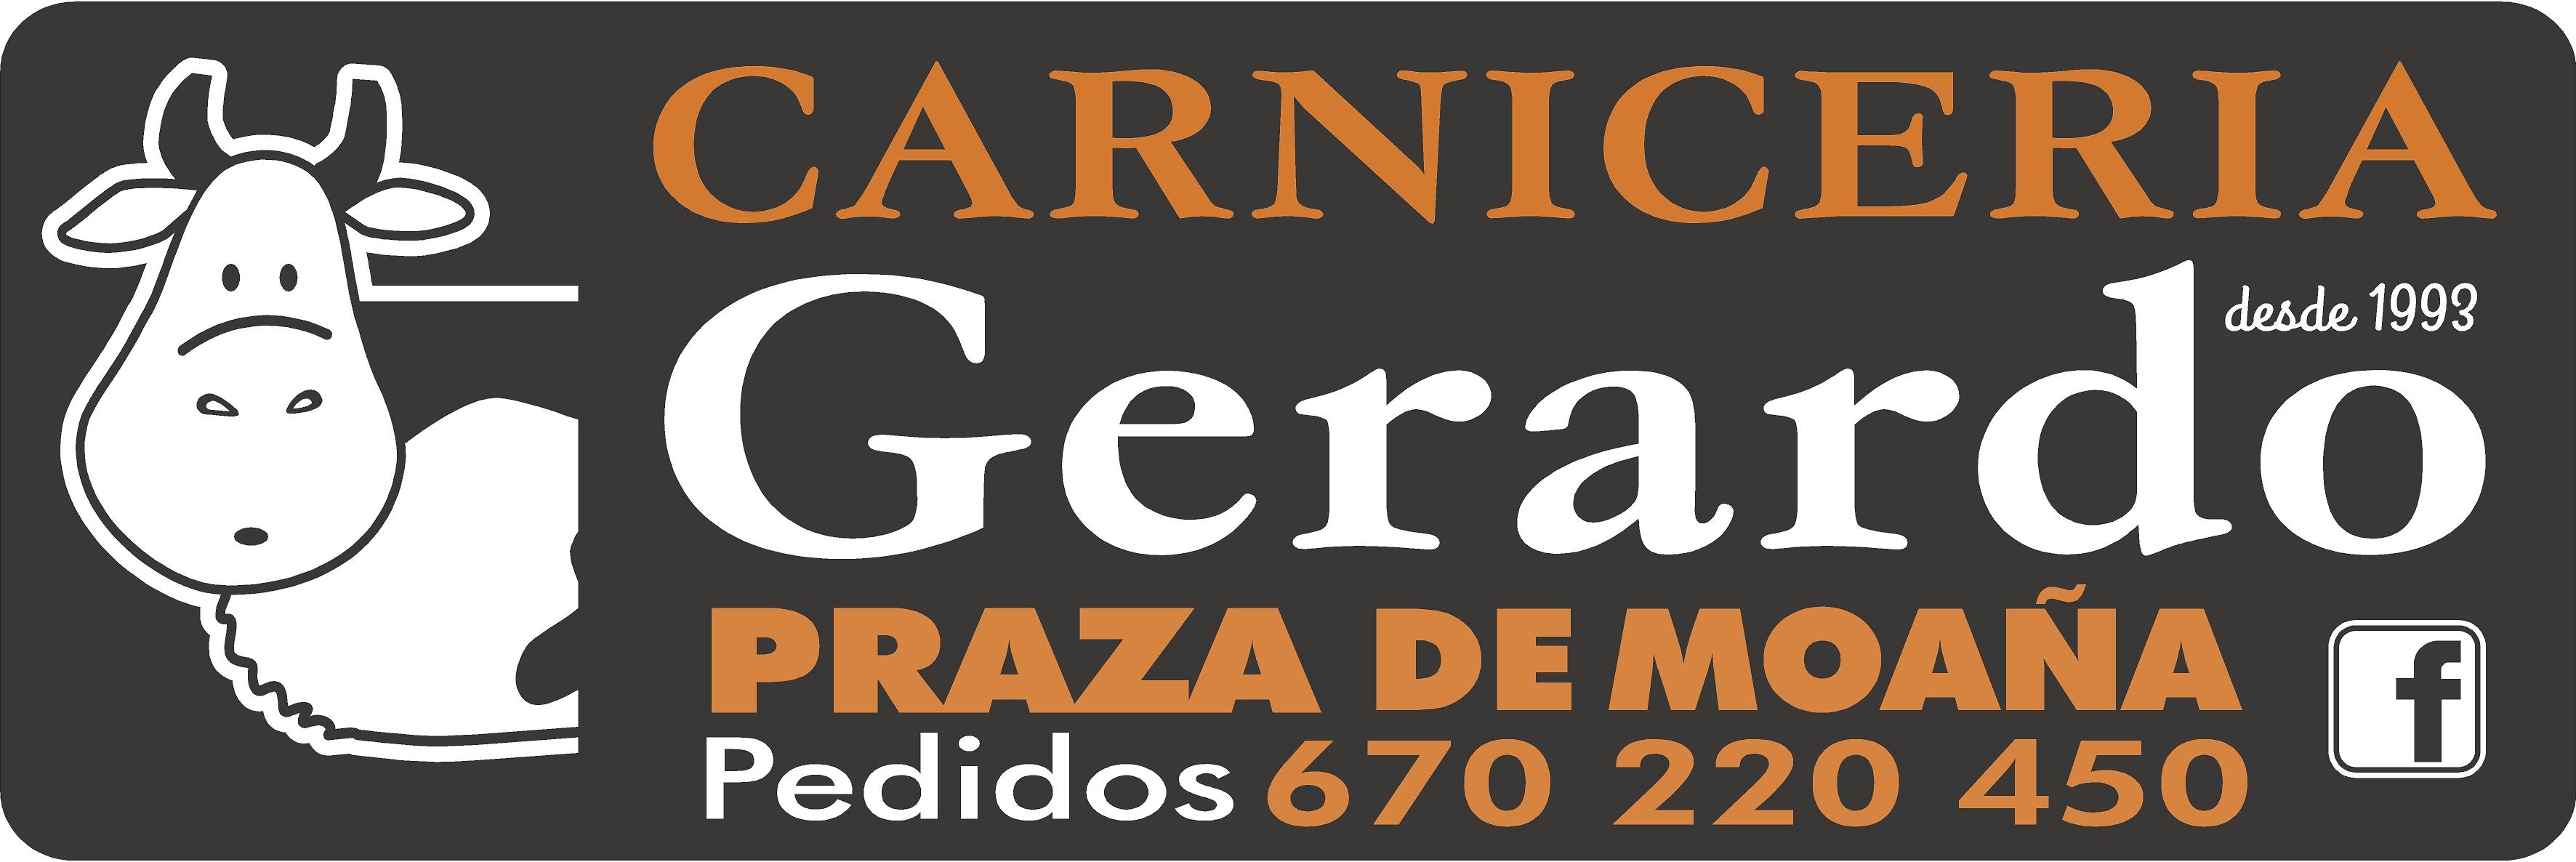 Carniceria Gerardo